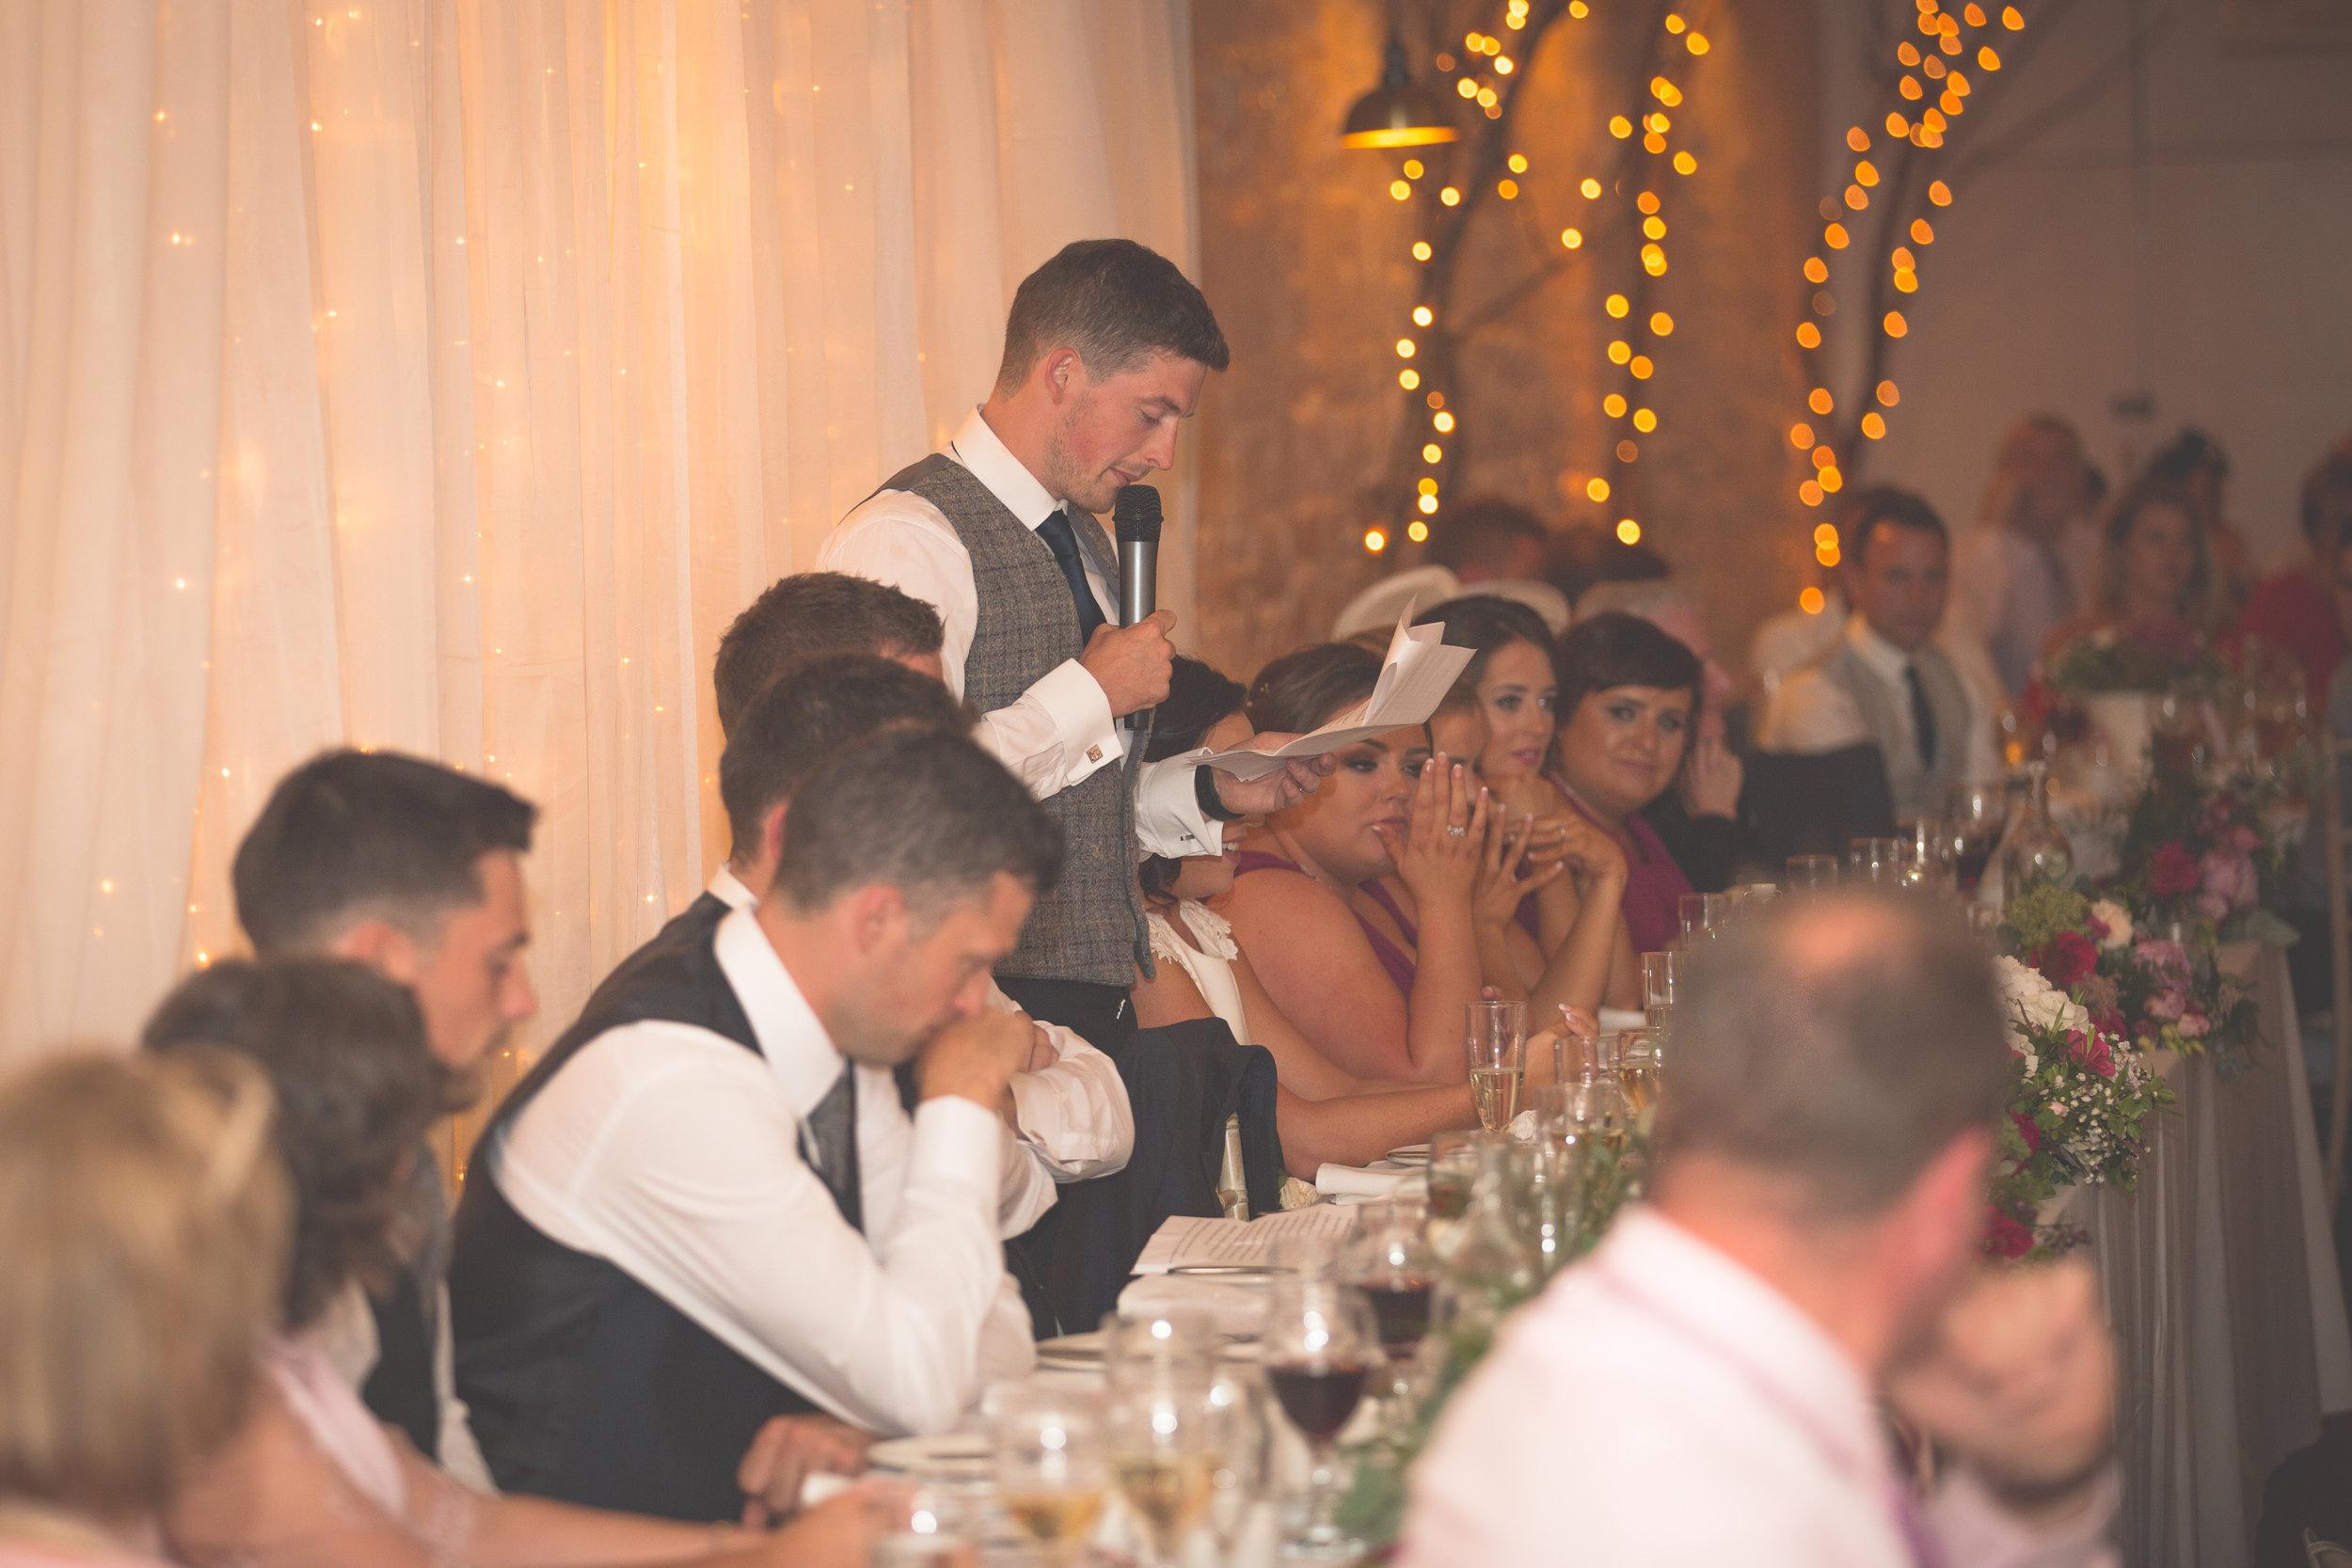 Brian McEwan Wedding Photography | Carol-Anne & Sean | The Speeches-74.jpg